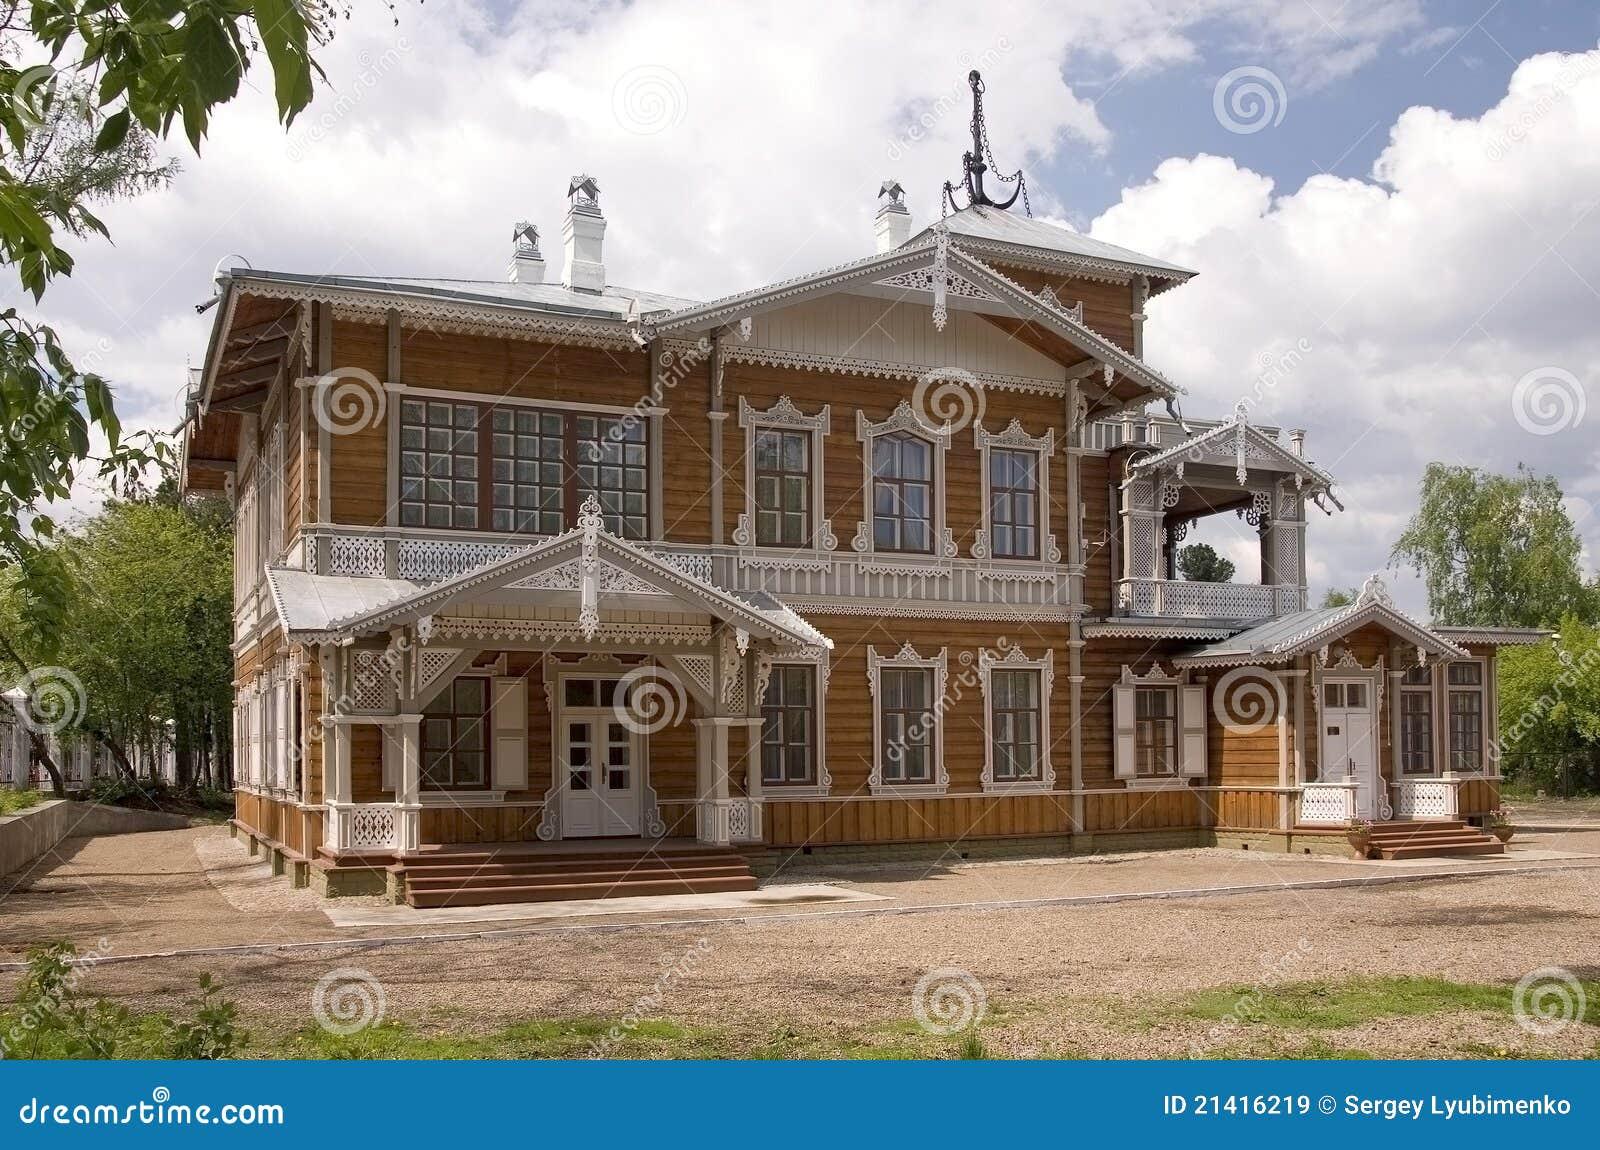 belle maison antique image stock image du russe wooden 21416219. Black Bedroom Furniture Sets. Home Design Ideas